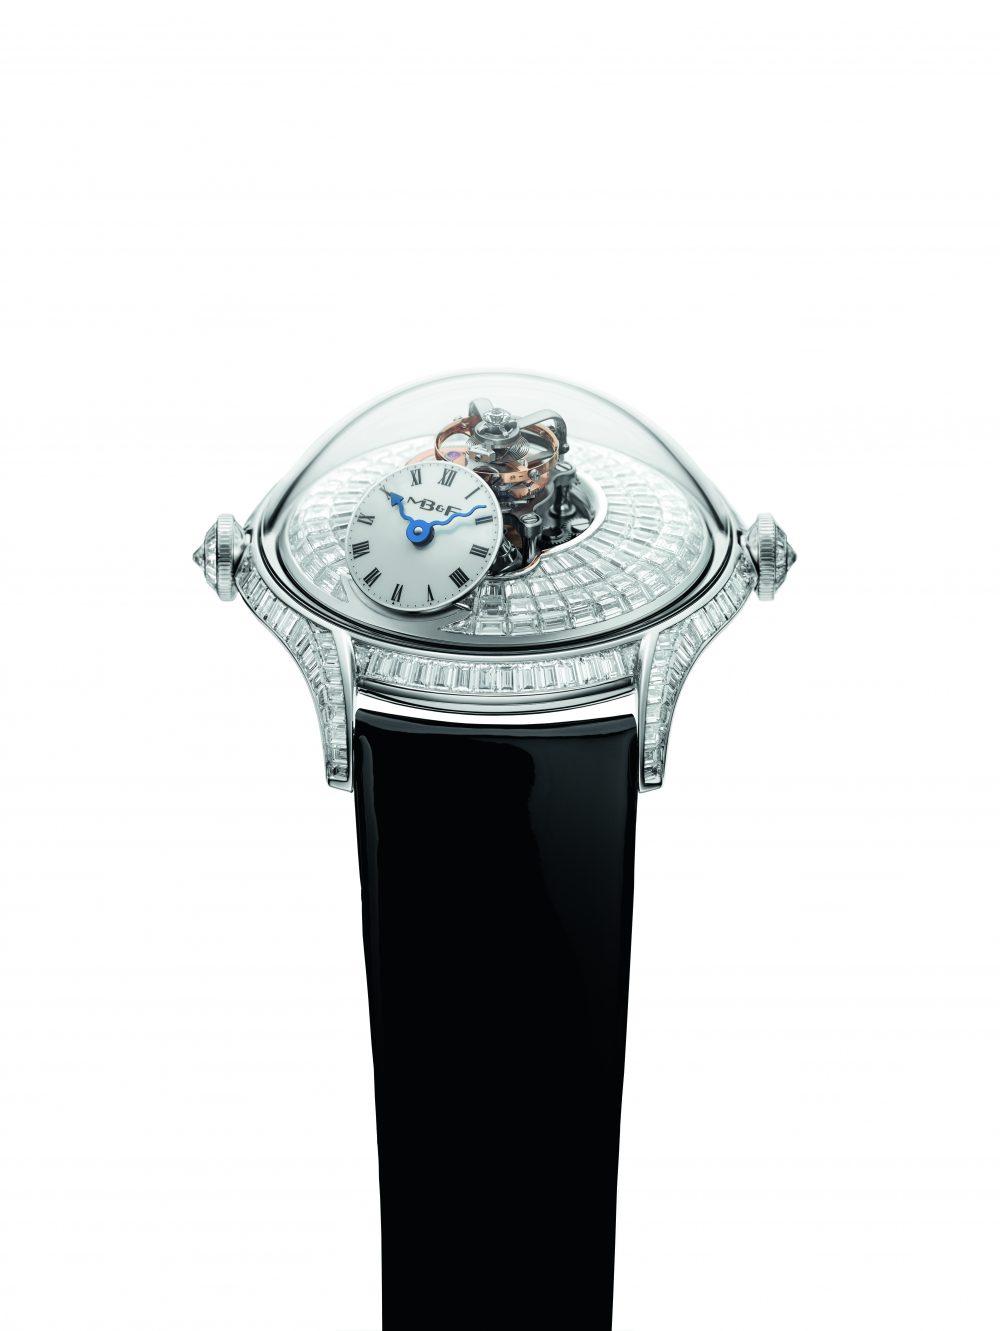 Reloj MB&F con correas negras detalles en plateado y diamantes blancos en la caratula